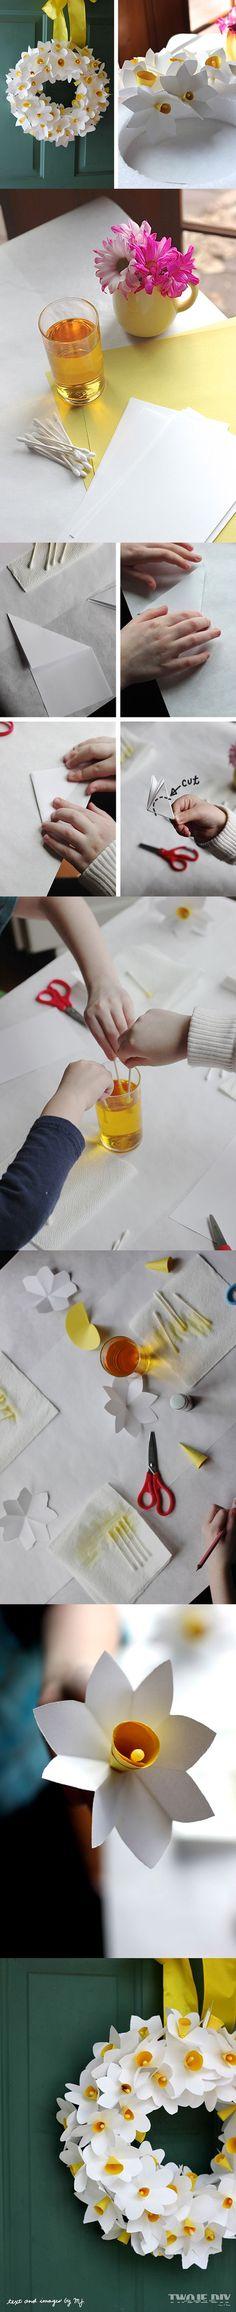 jarní dekorace - věnec / spring decoration